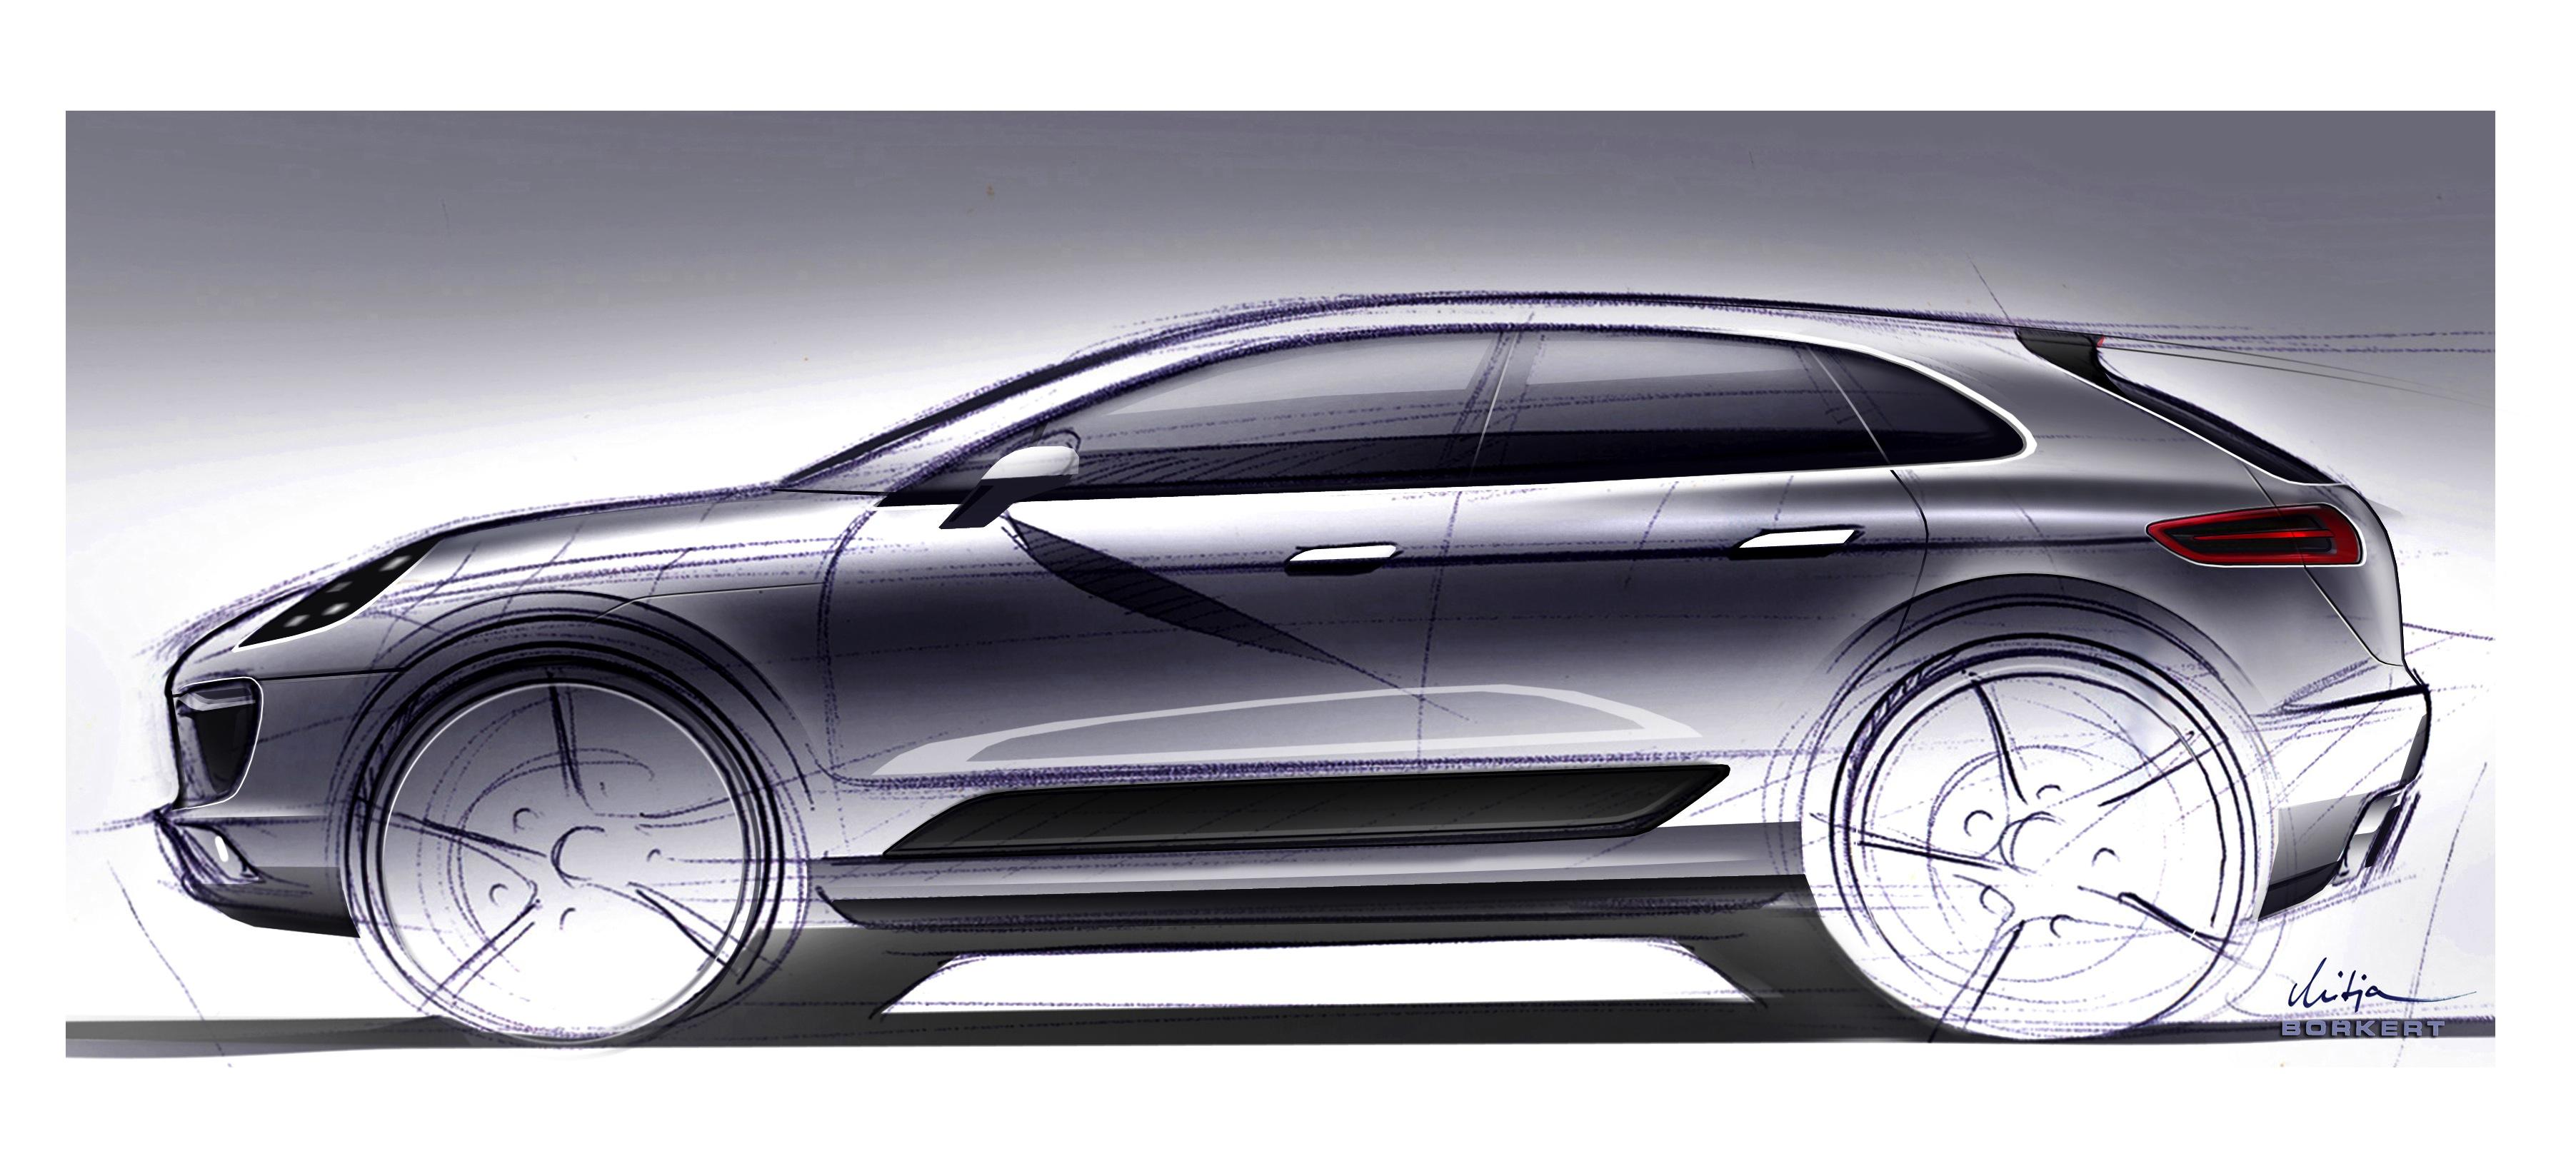 Recalls Honda Com >> Porsche Macan: Name confirmed for new baby SUV - photos | CarAdvice